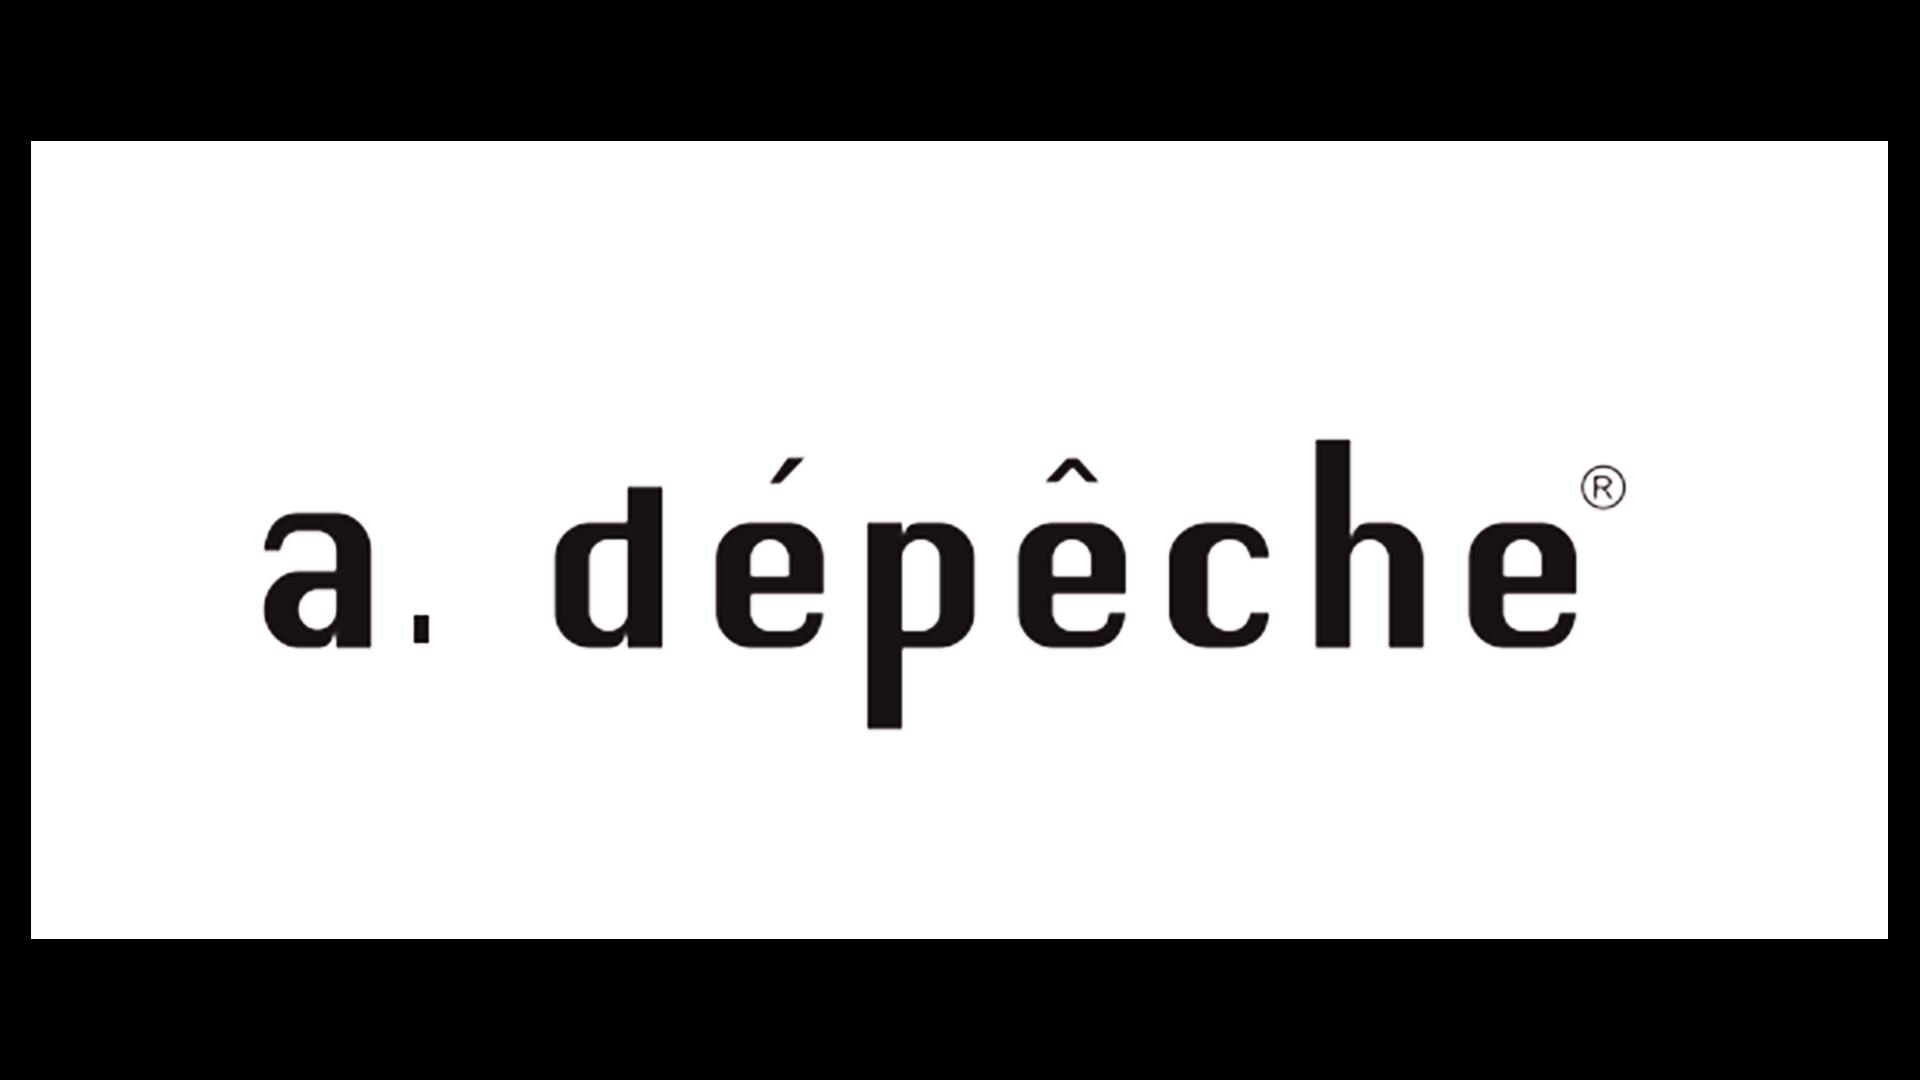 エーディックスのアデペシュのロゴ